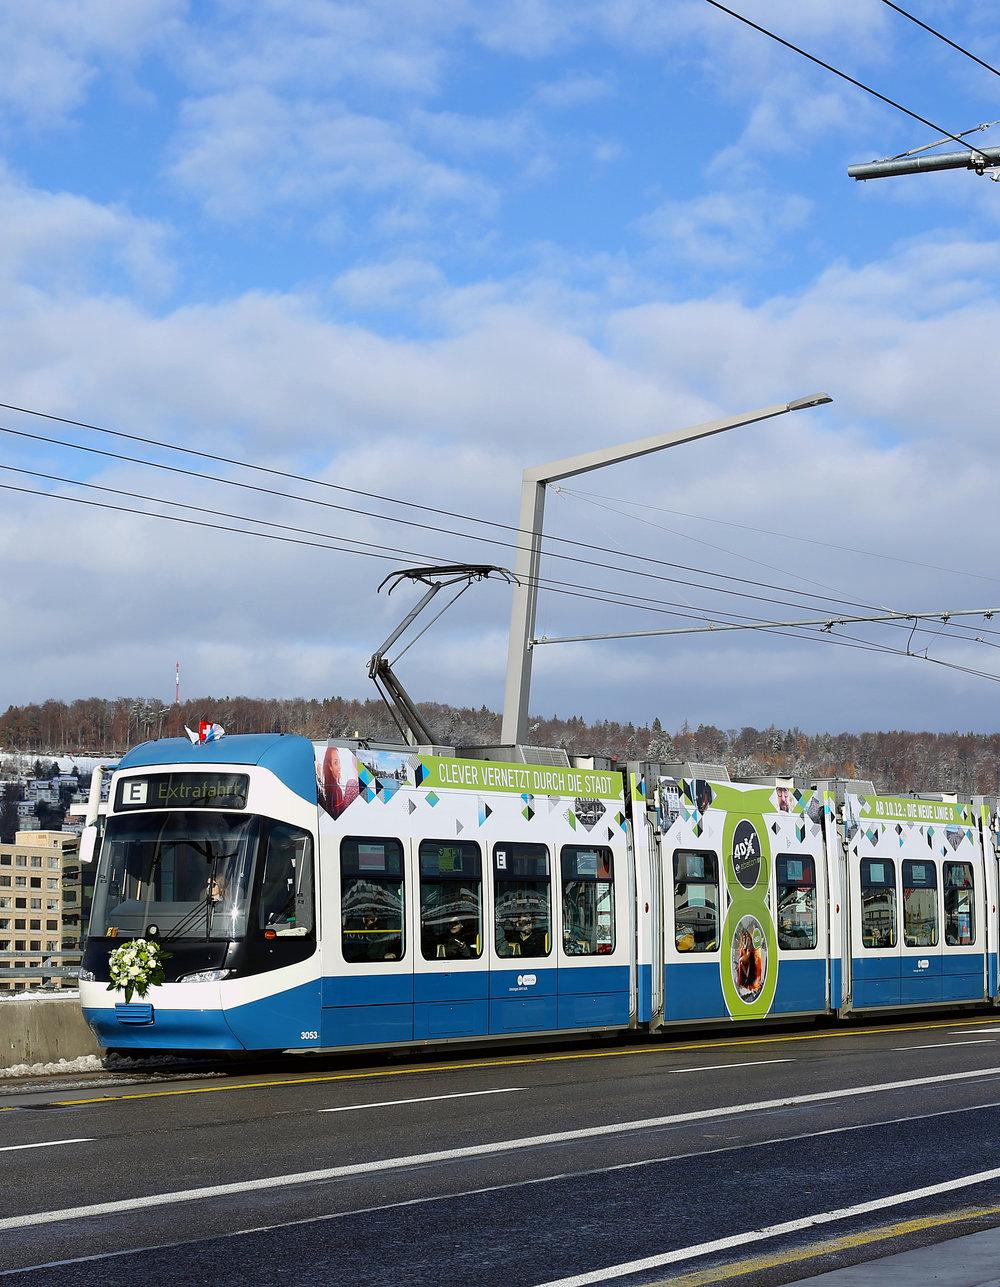 projets spéciaux… - …. comme par exemple, des emplacements publicitaires spéciaux pour l'ouverture d'une nouvelle ligne de tram à Zürich